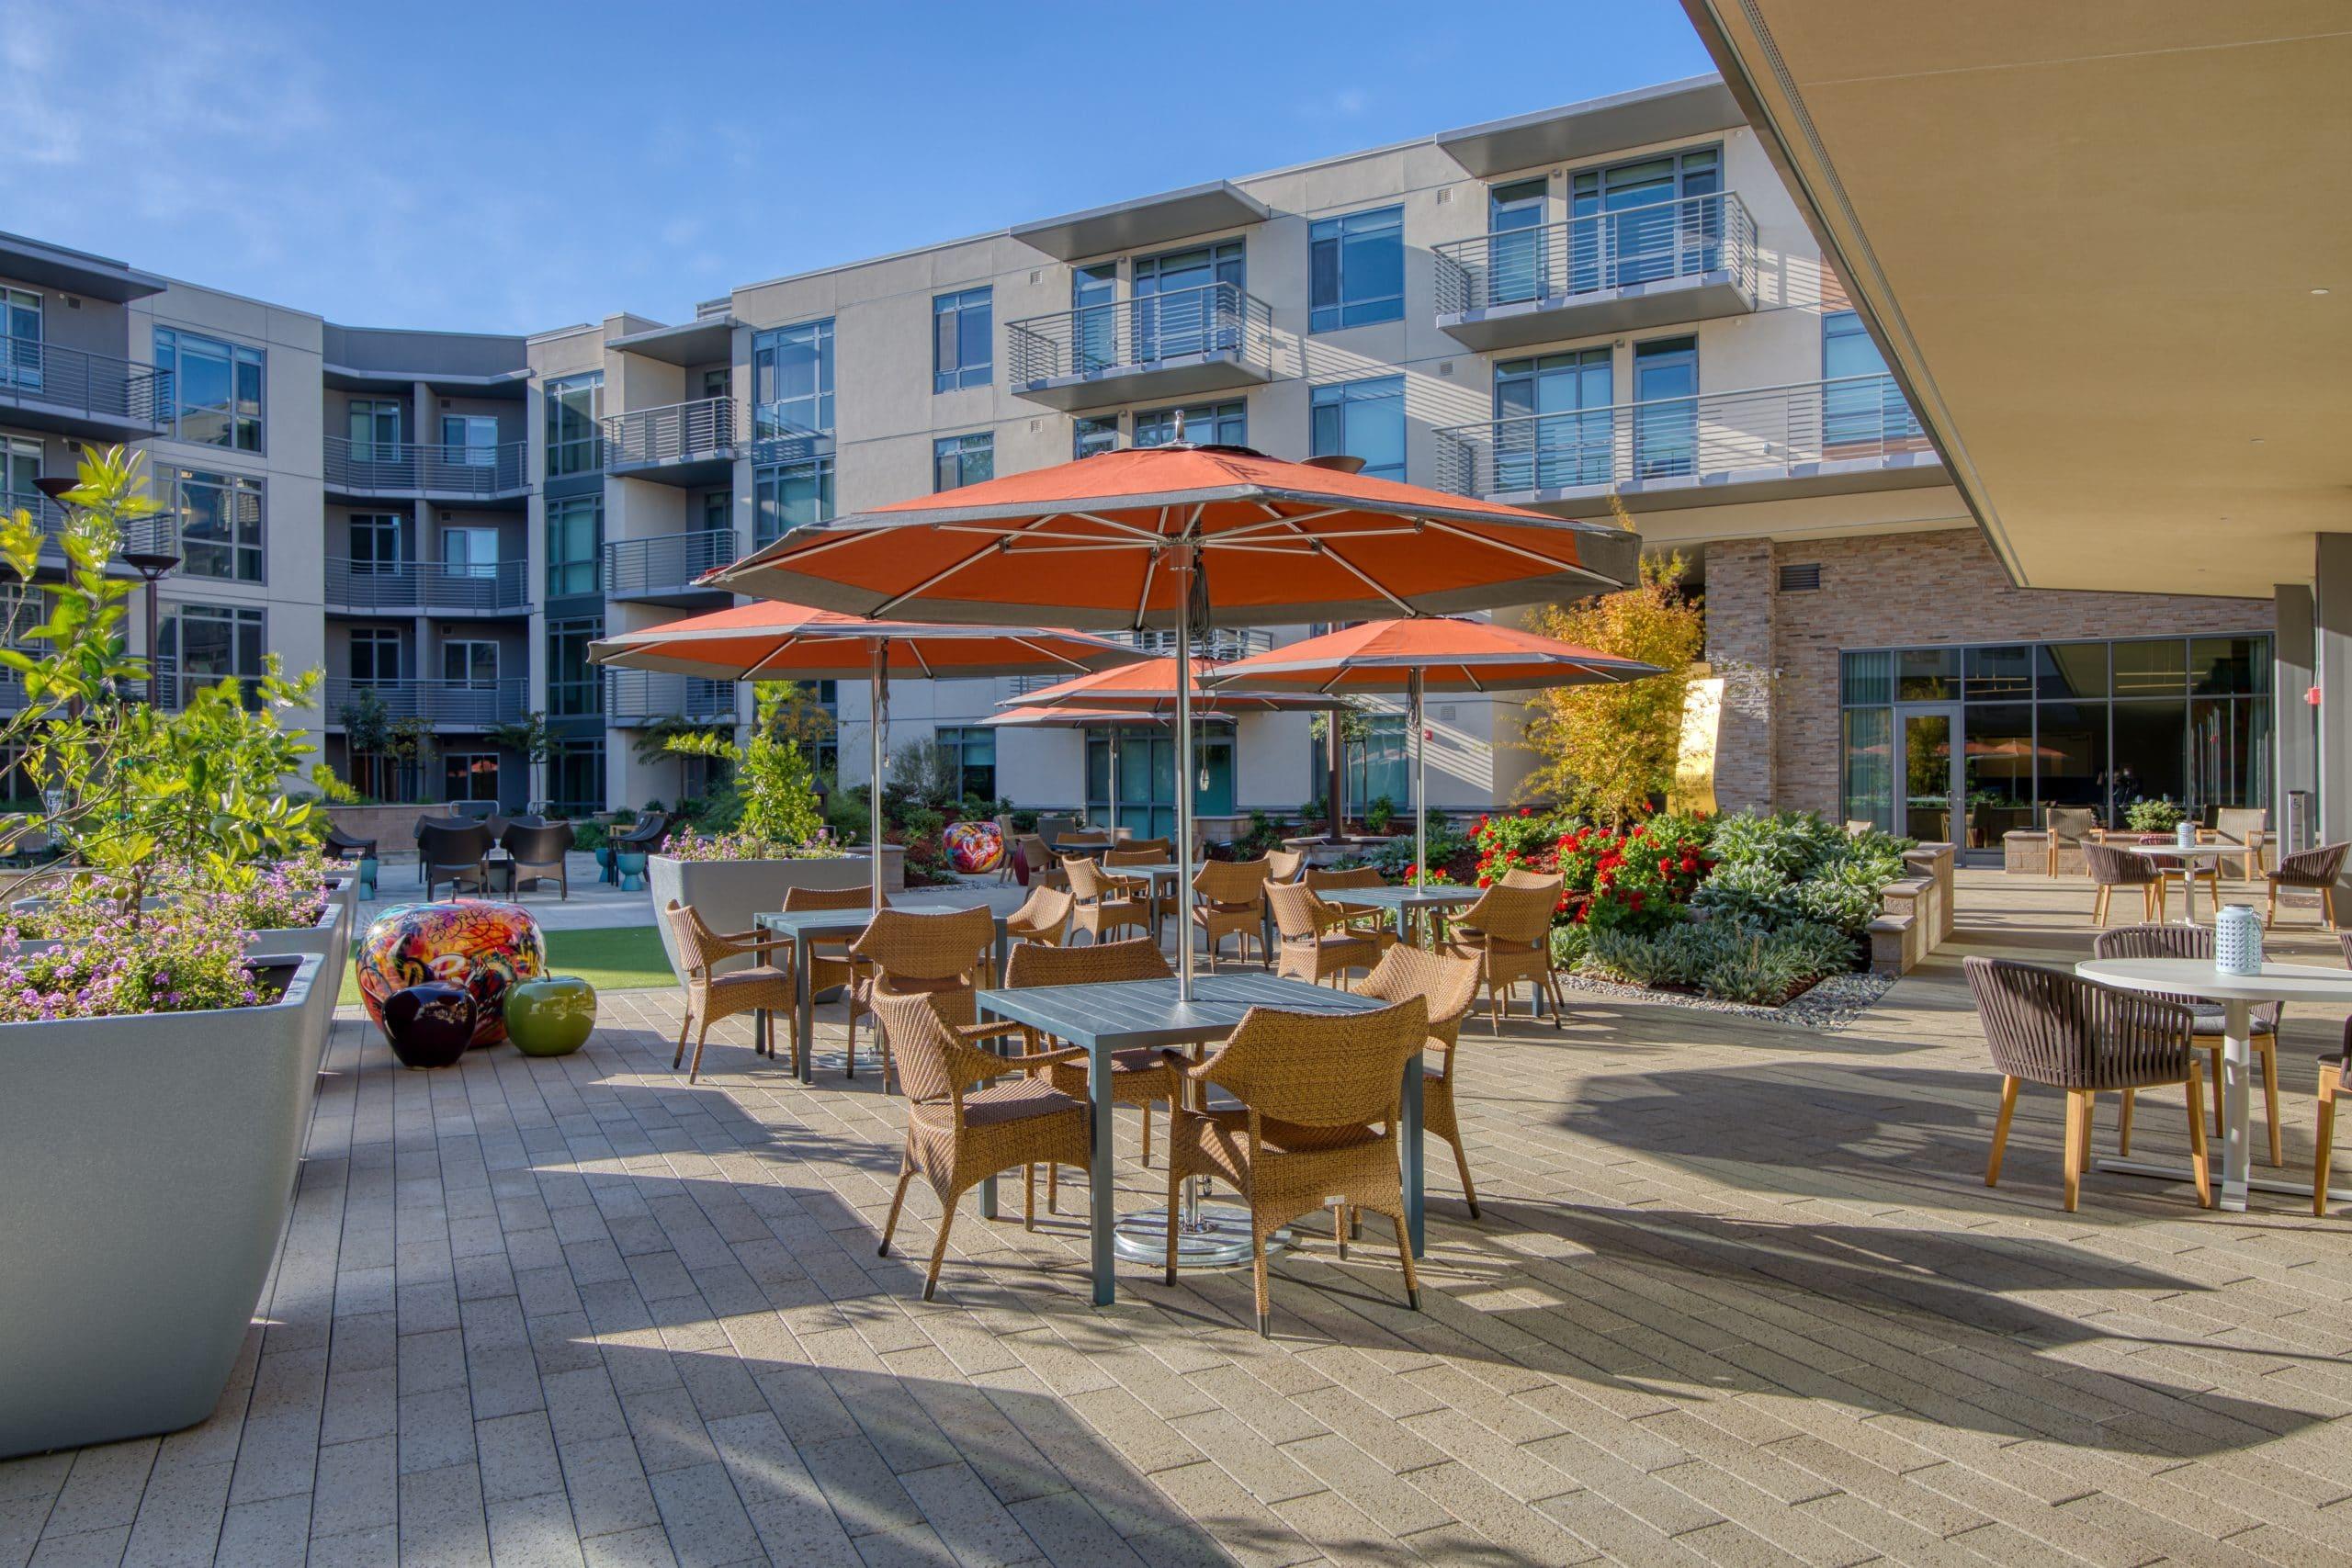 viamonte outdoor community space